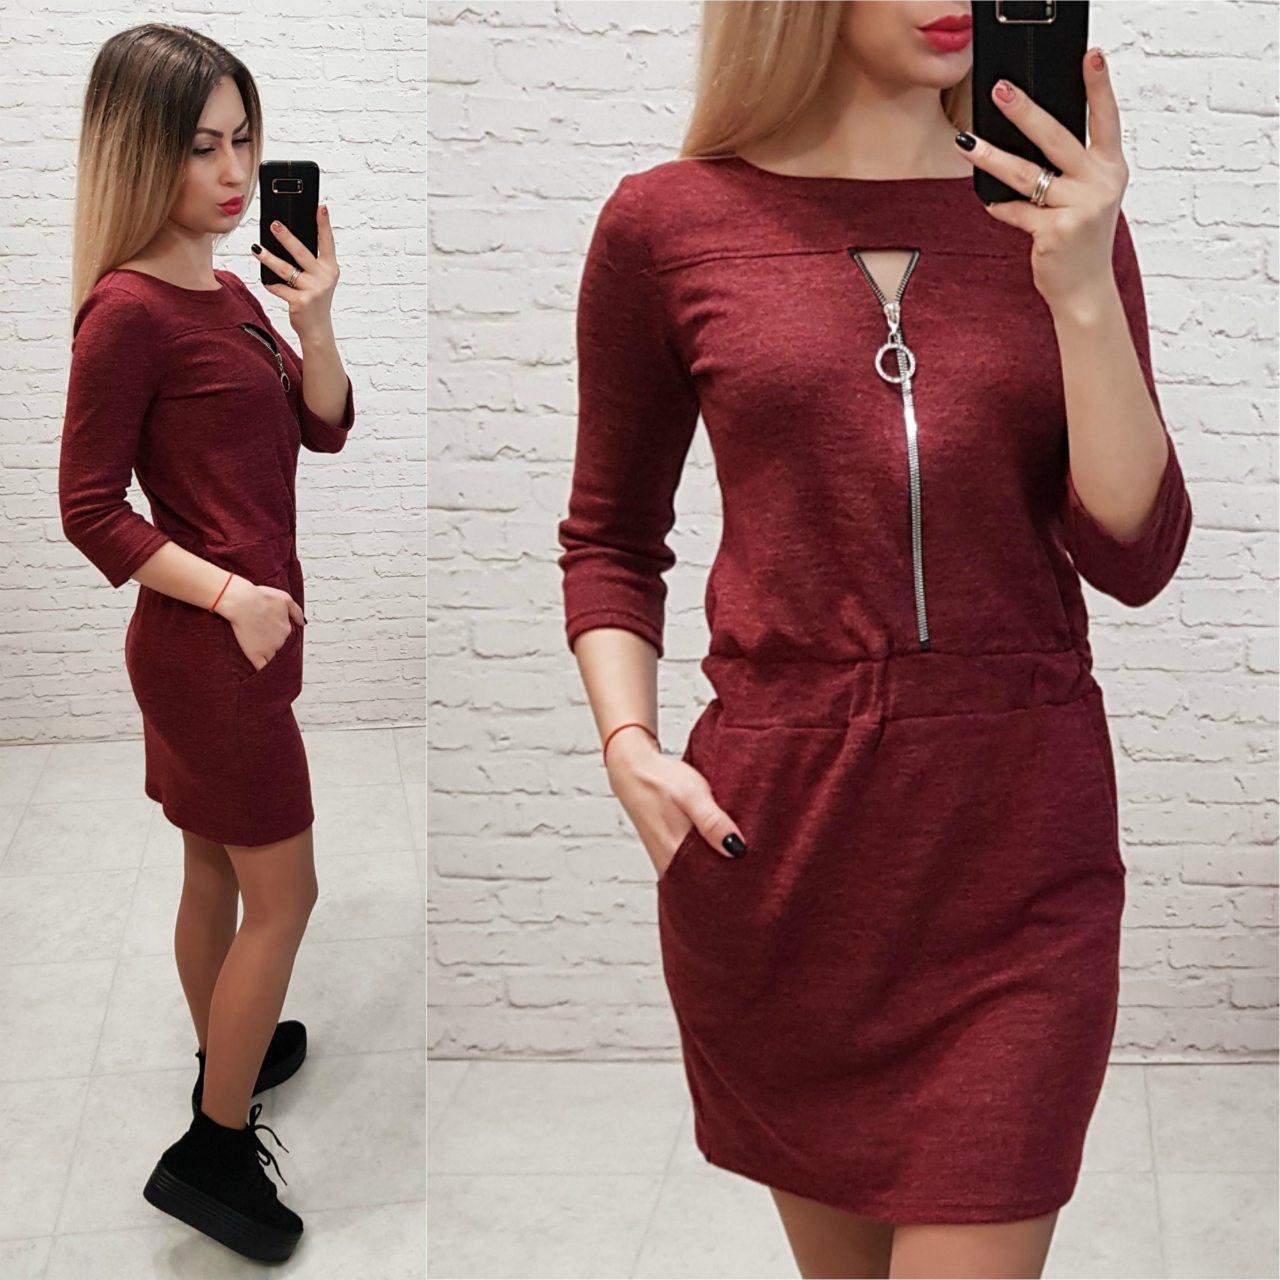 Платье арт. 151 вишневый / бордовый меланж